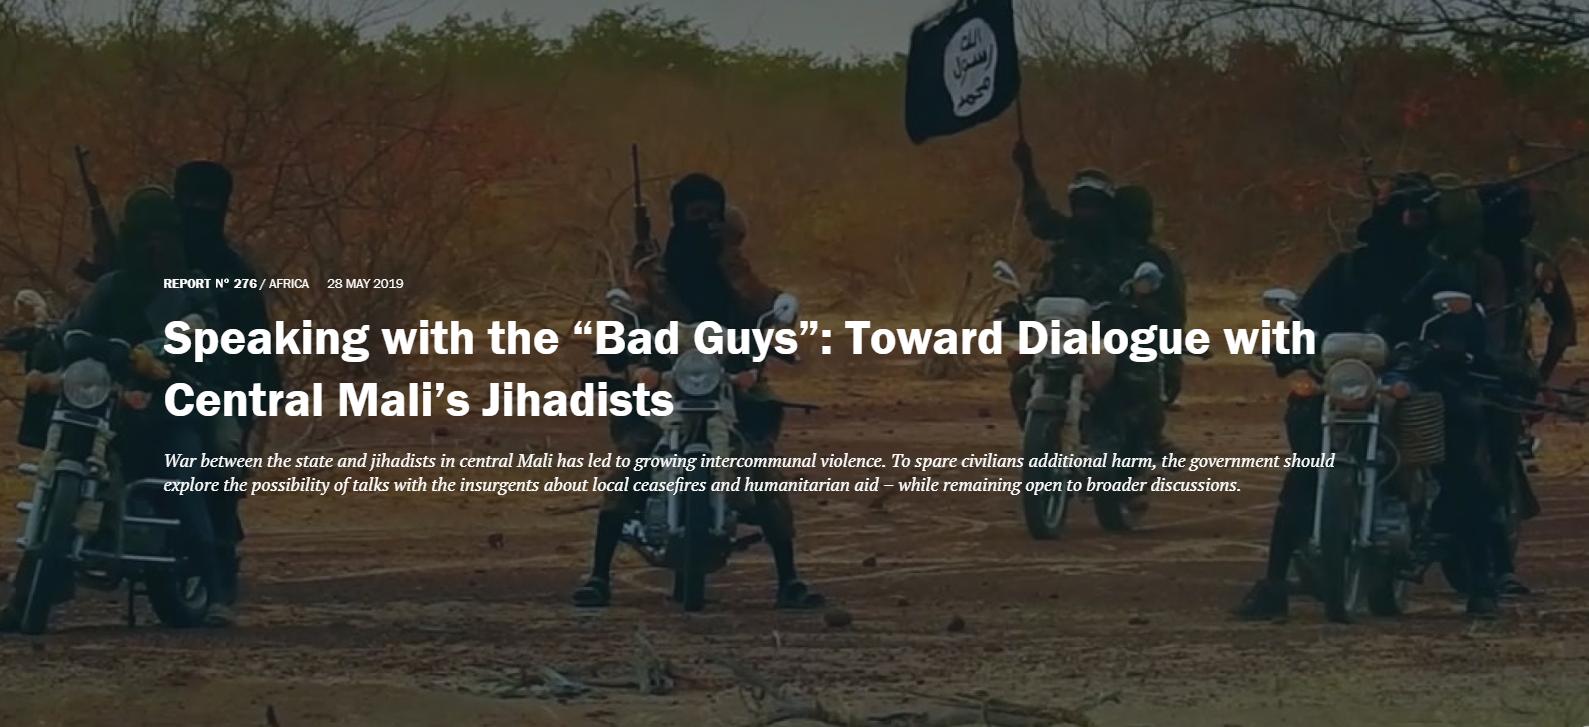 Dans un rapport publié le 28 mai 2019, l'International Crisis Group prône un dialogue avec les jihadistes du centre du pays.